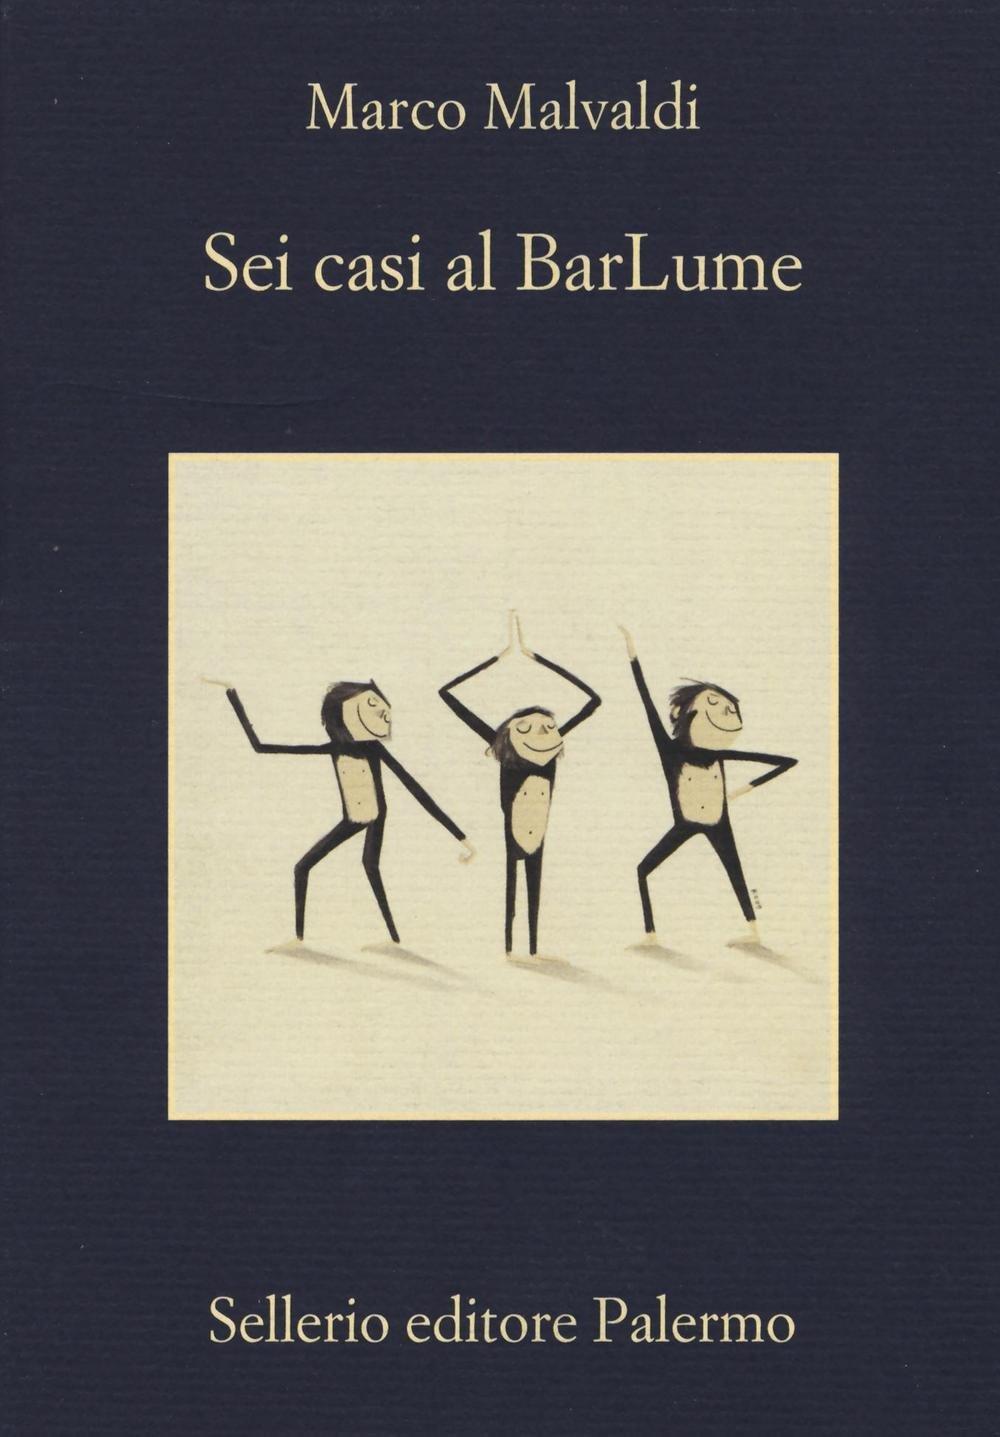 Amazon.it: Sei casi al BarLume - Malvaldi, Marco - Libri